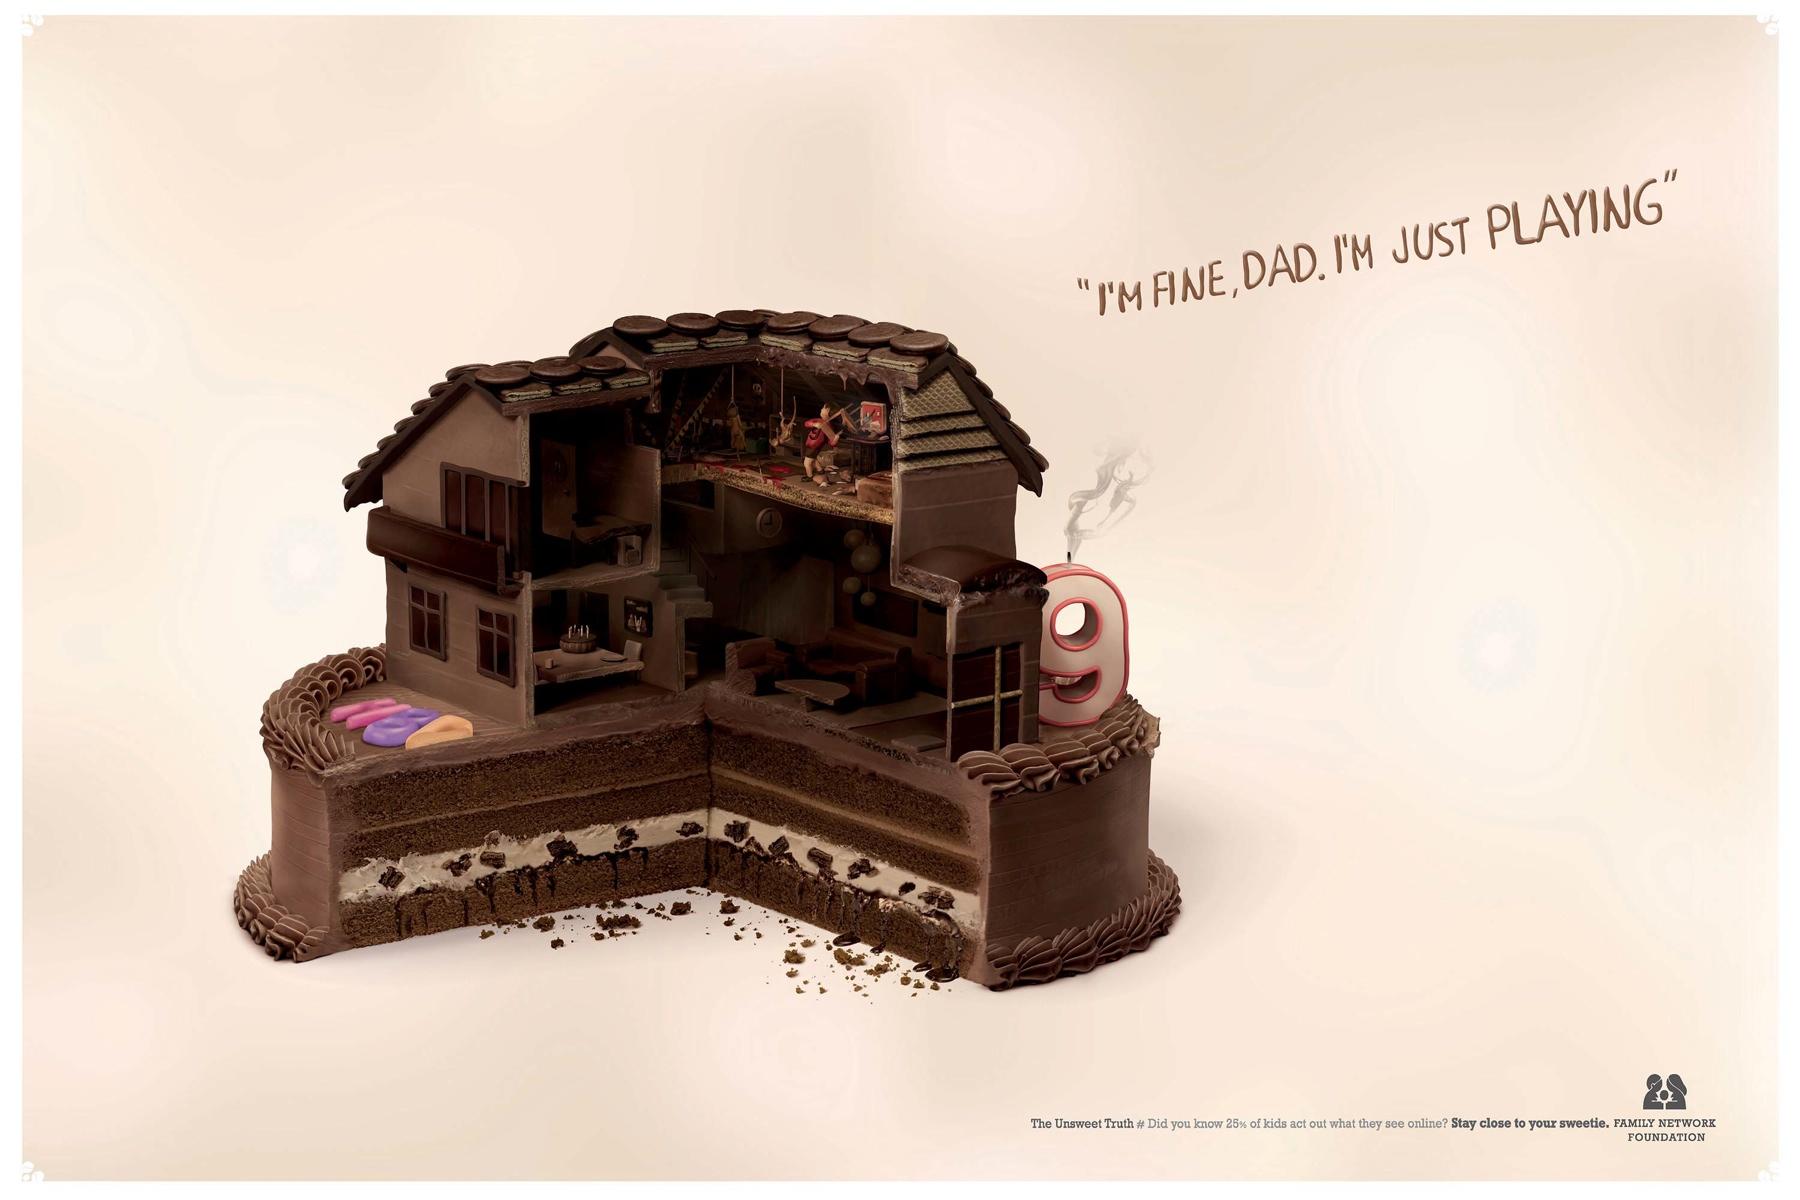 Les publicités les plus créatives sur la Pâtisserie - Spécial #LeMeilleurPâtissier 39